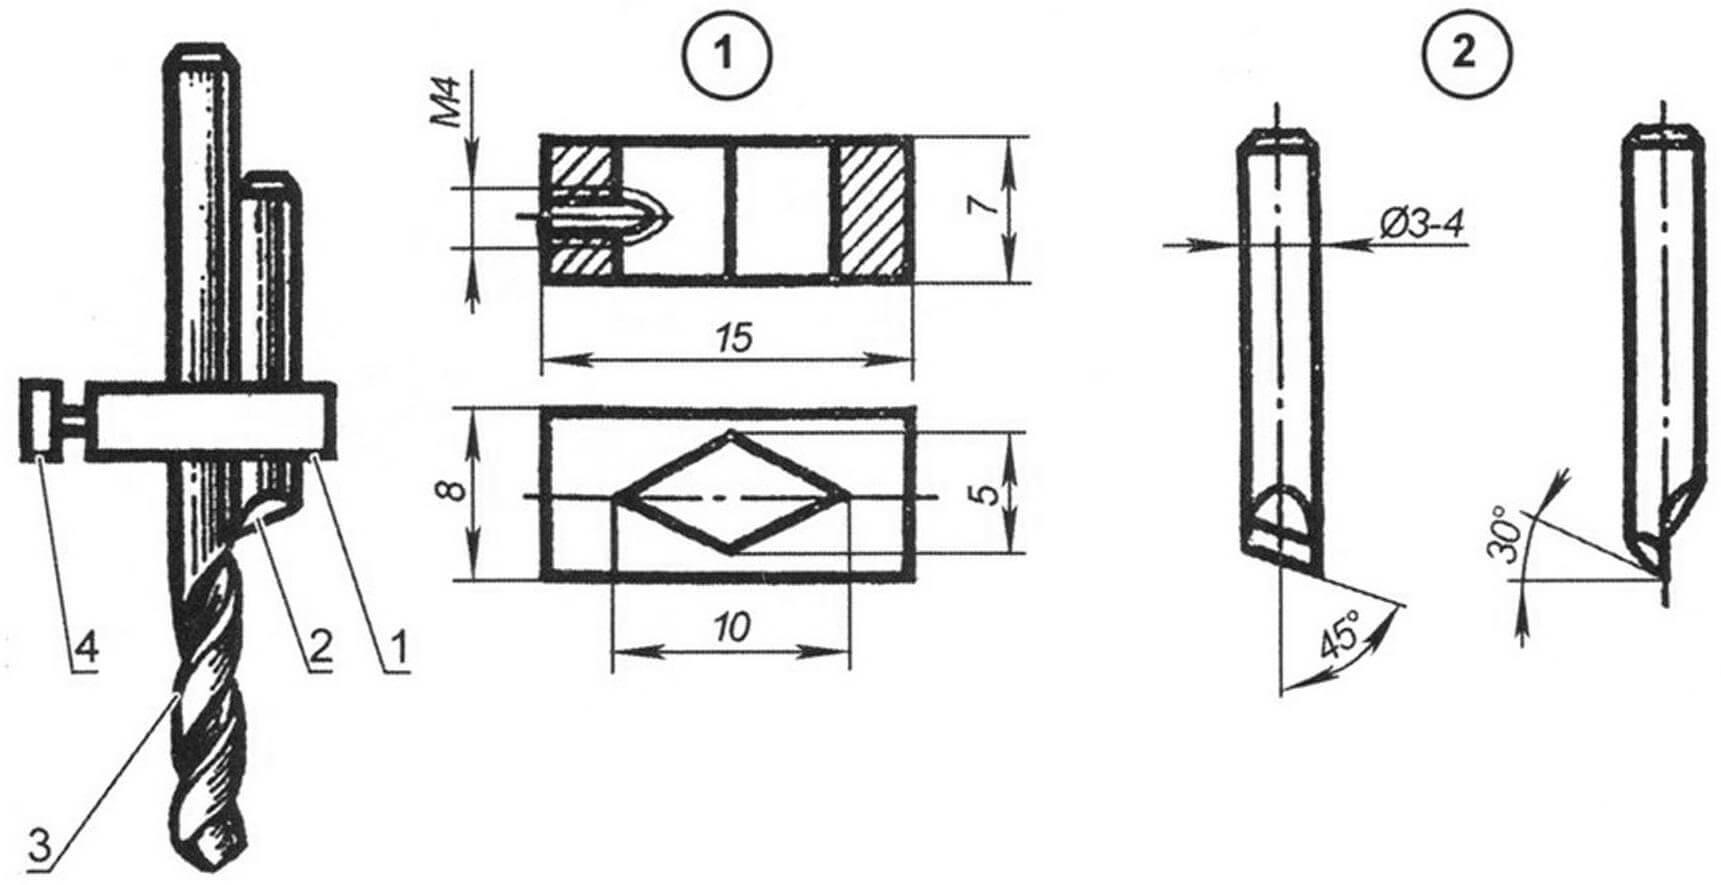 Приспособление для сверления со снятием фаски: 1 - оправка (сталь 40Х); 2 - резец; 3 - сверло; 4 - фиксирующий винт М4